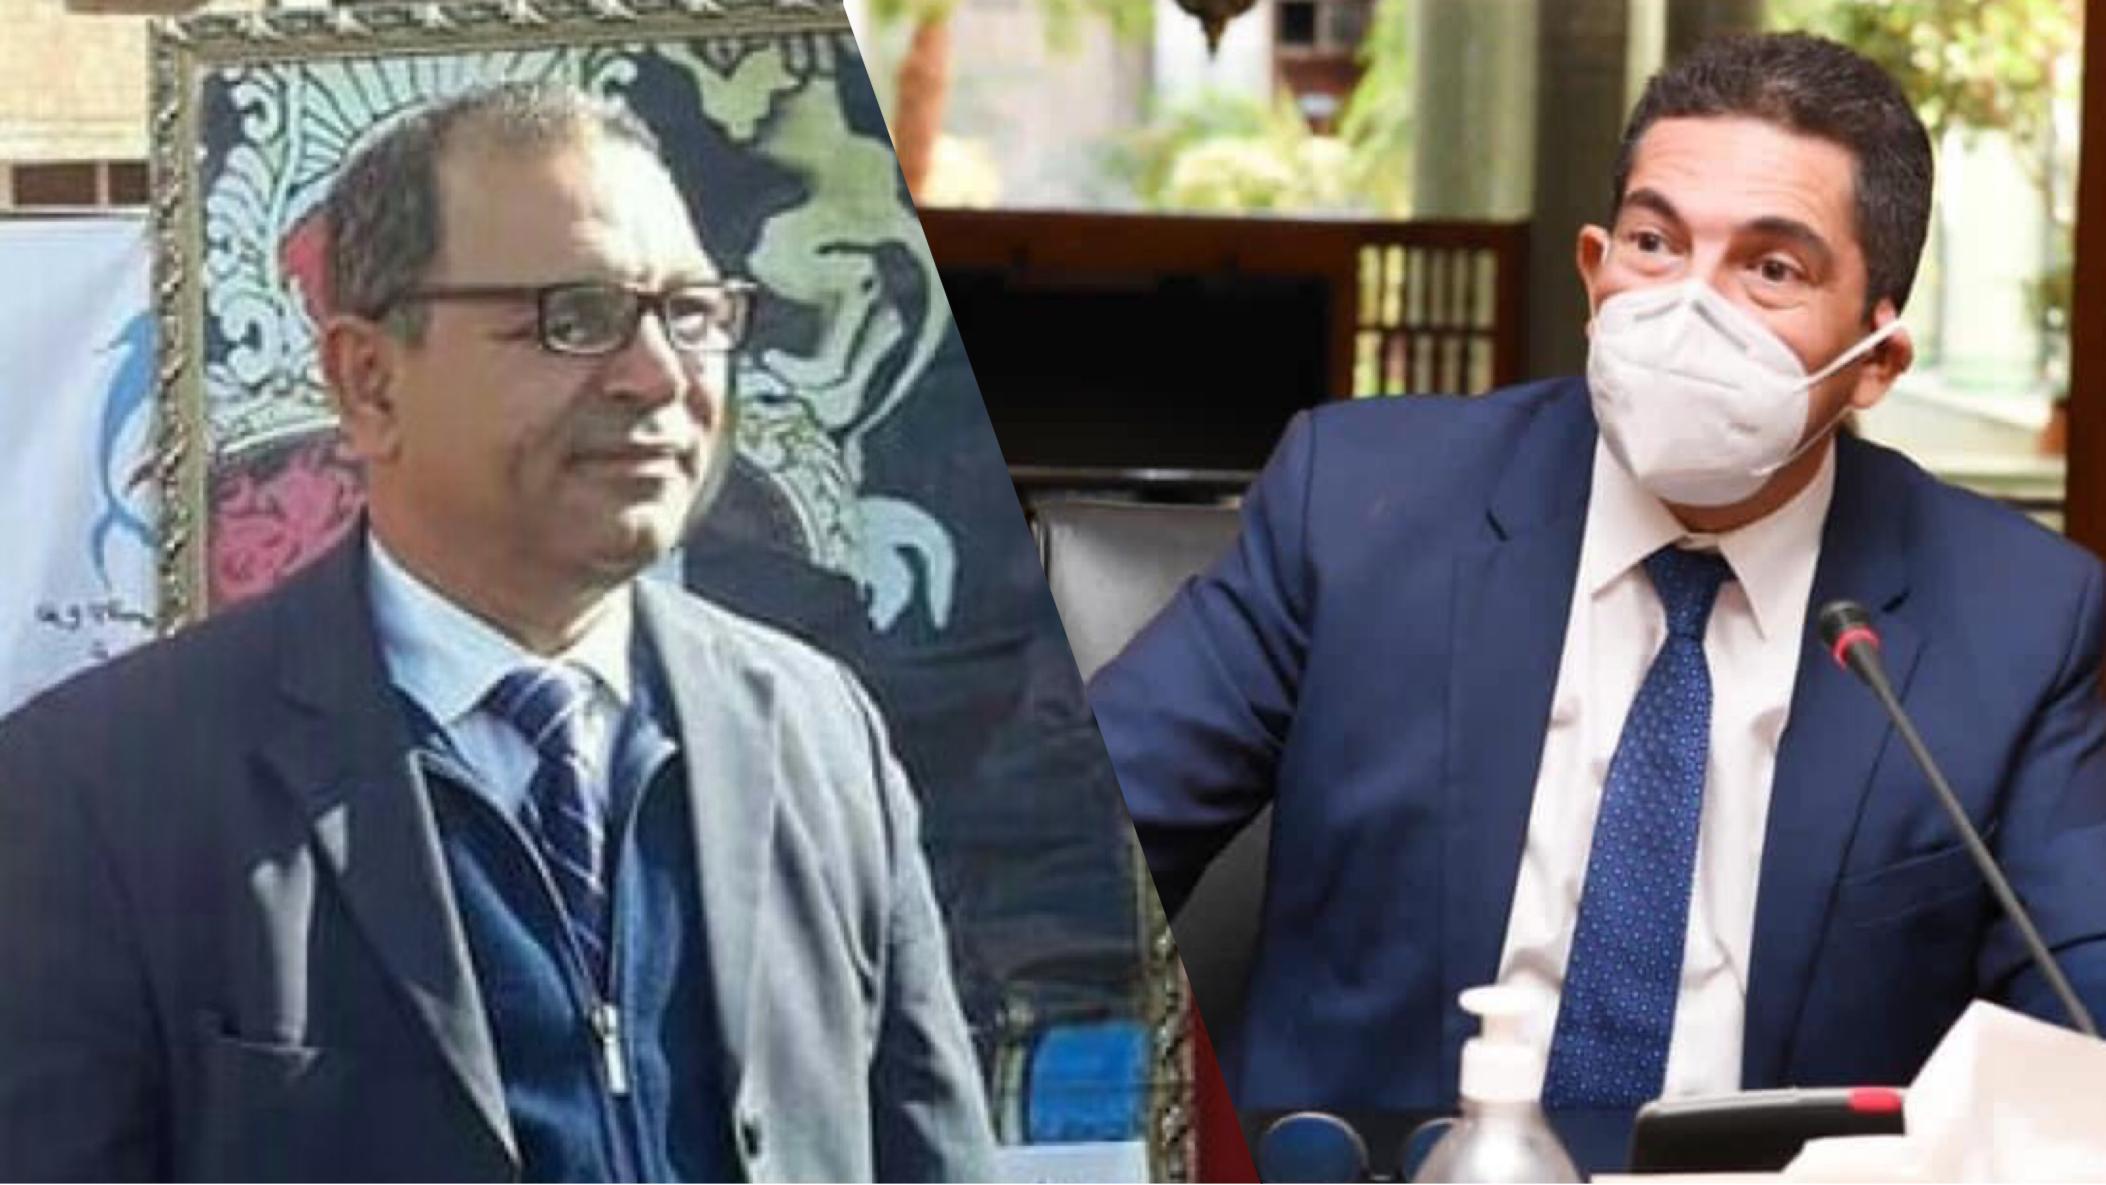 صورة غضبة للوزير أمزازي تعفي المدير الاقليمي للتعليم بأسفي